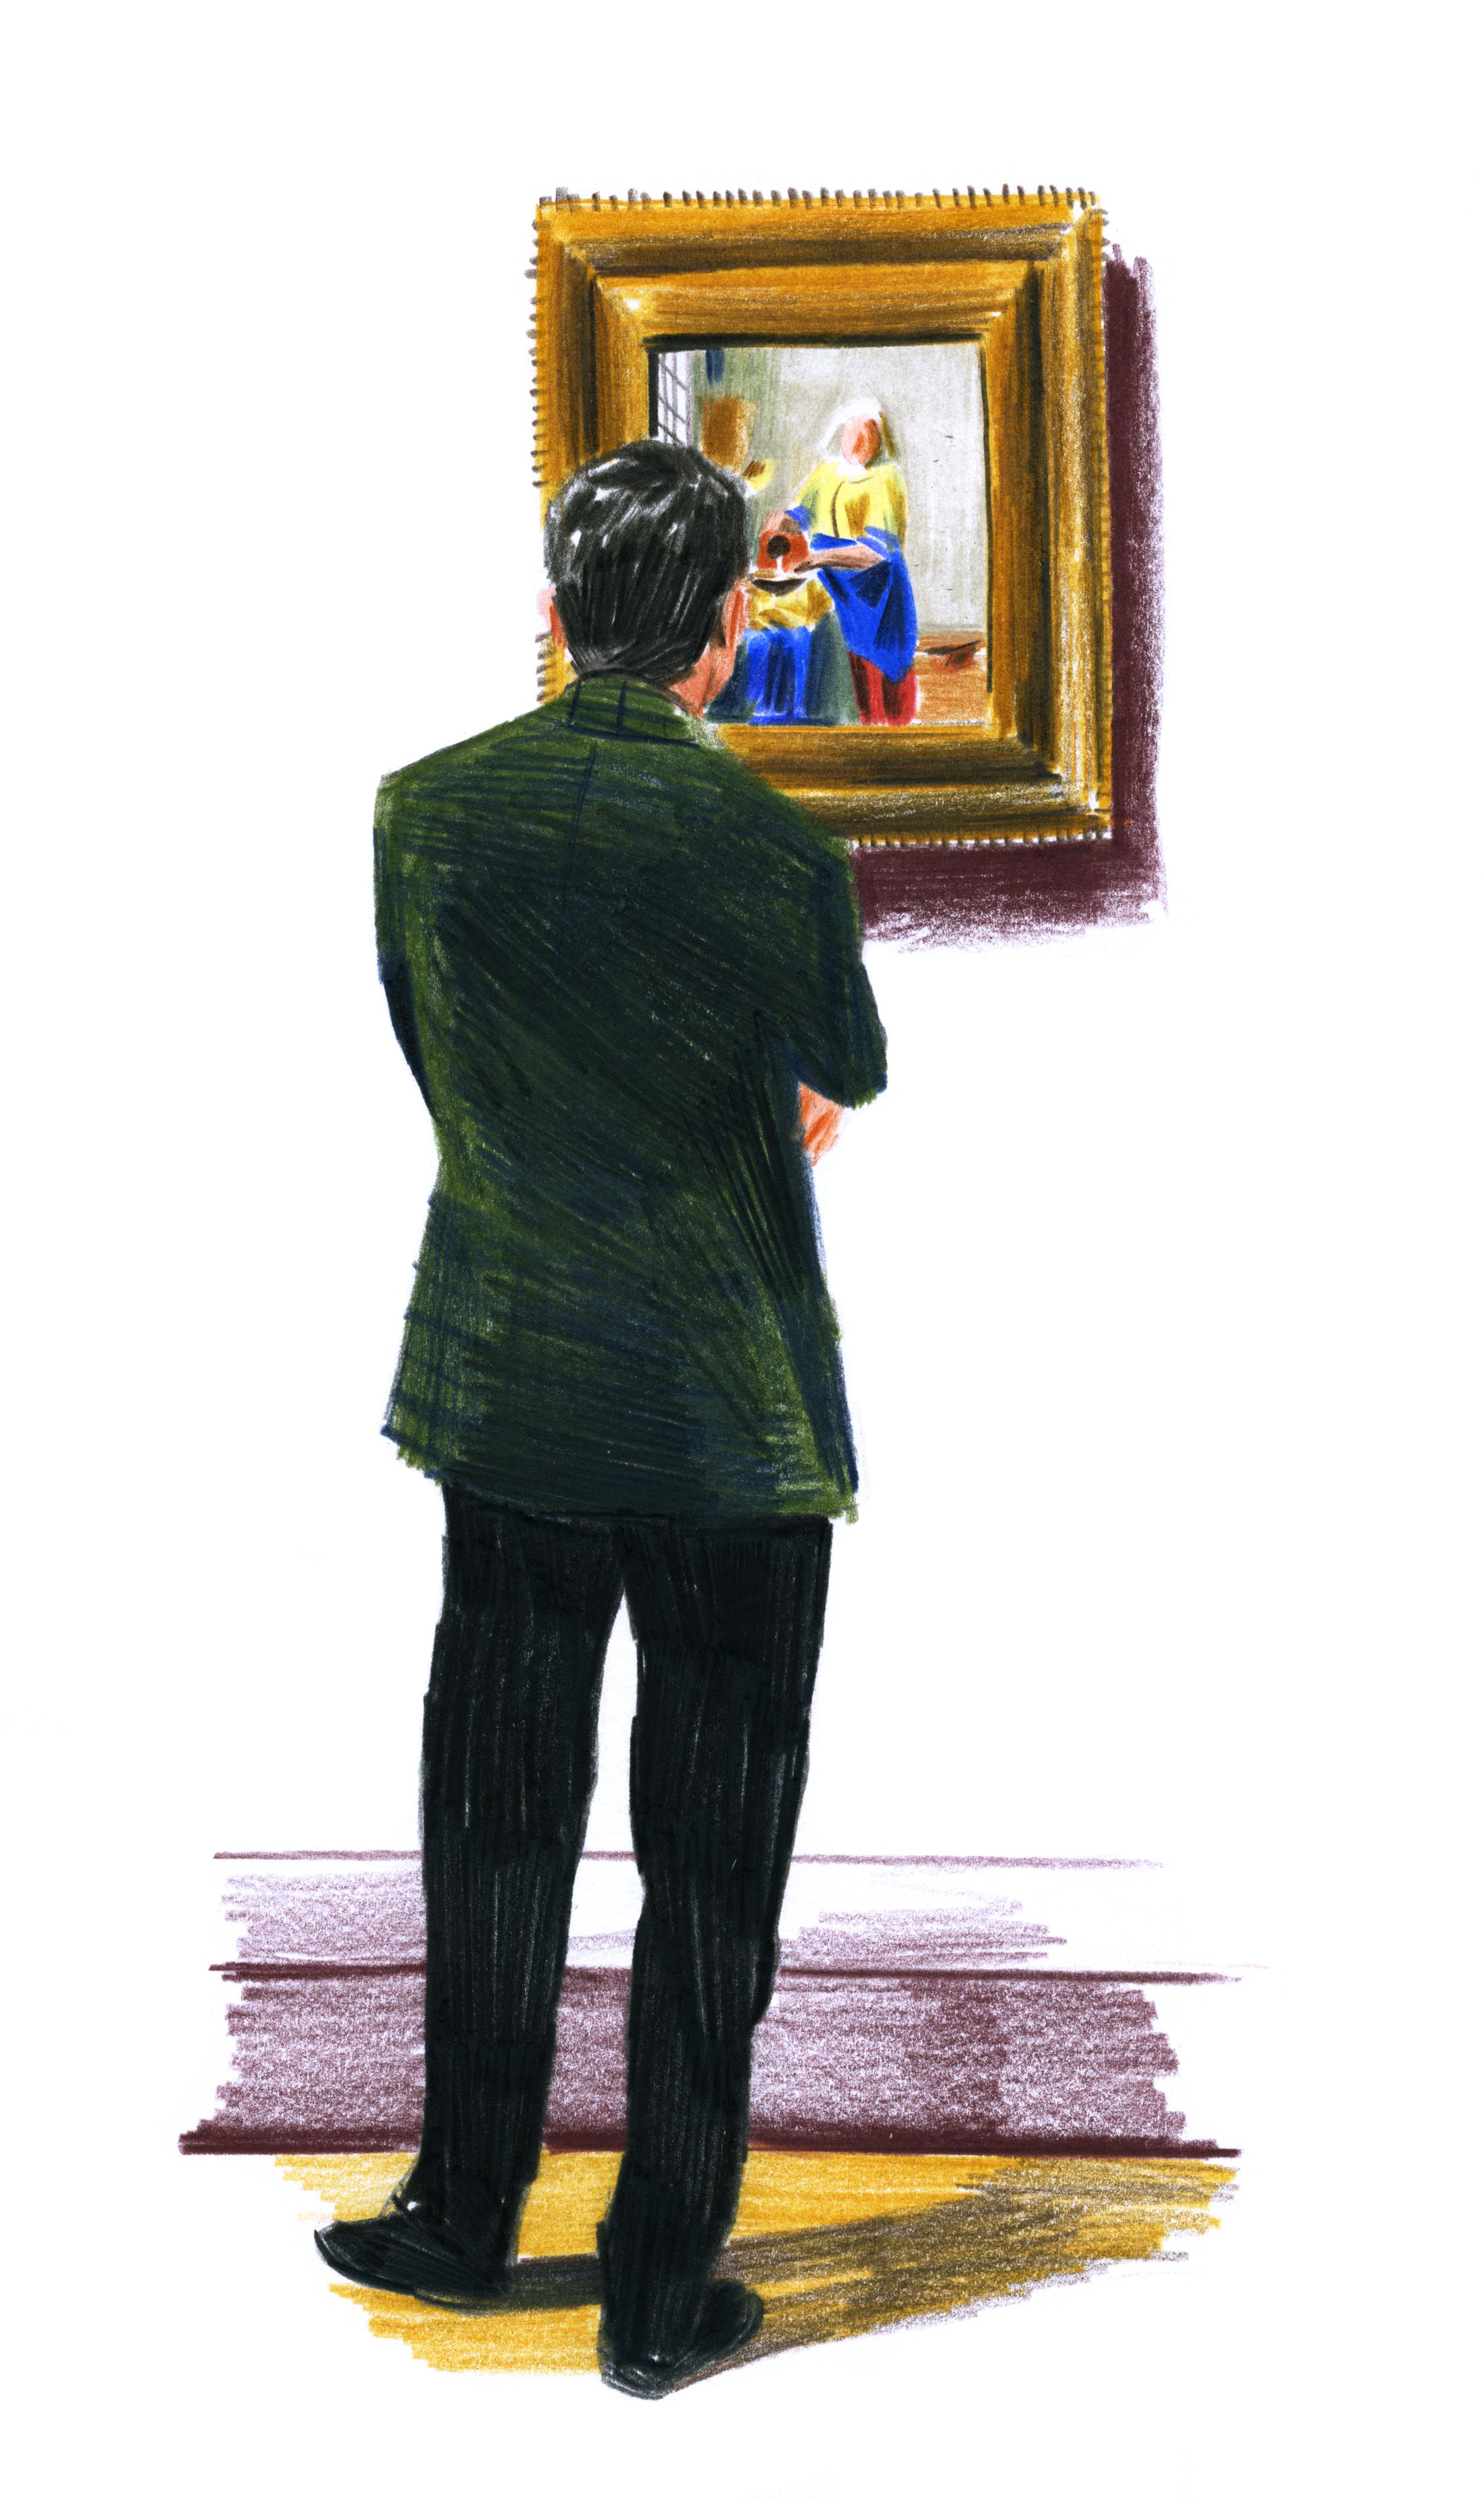 La laitière, Vermeer | GALERIE TREIZE-DIX I LUCILE PIKETTY | La laitière, Vermeer